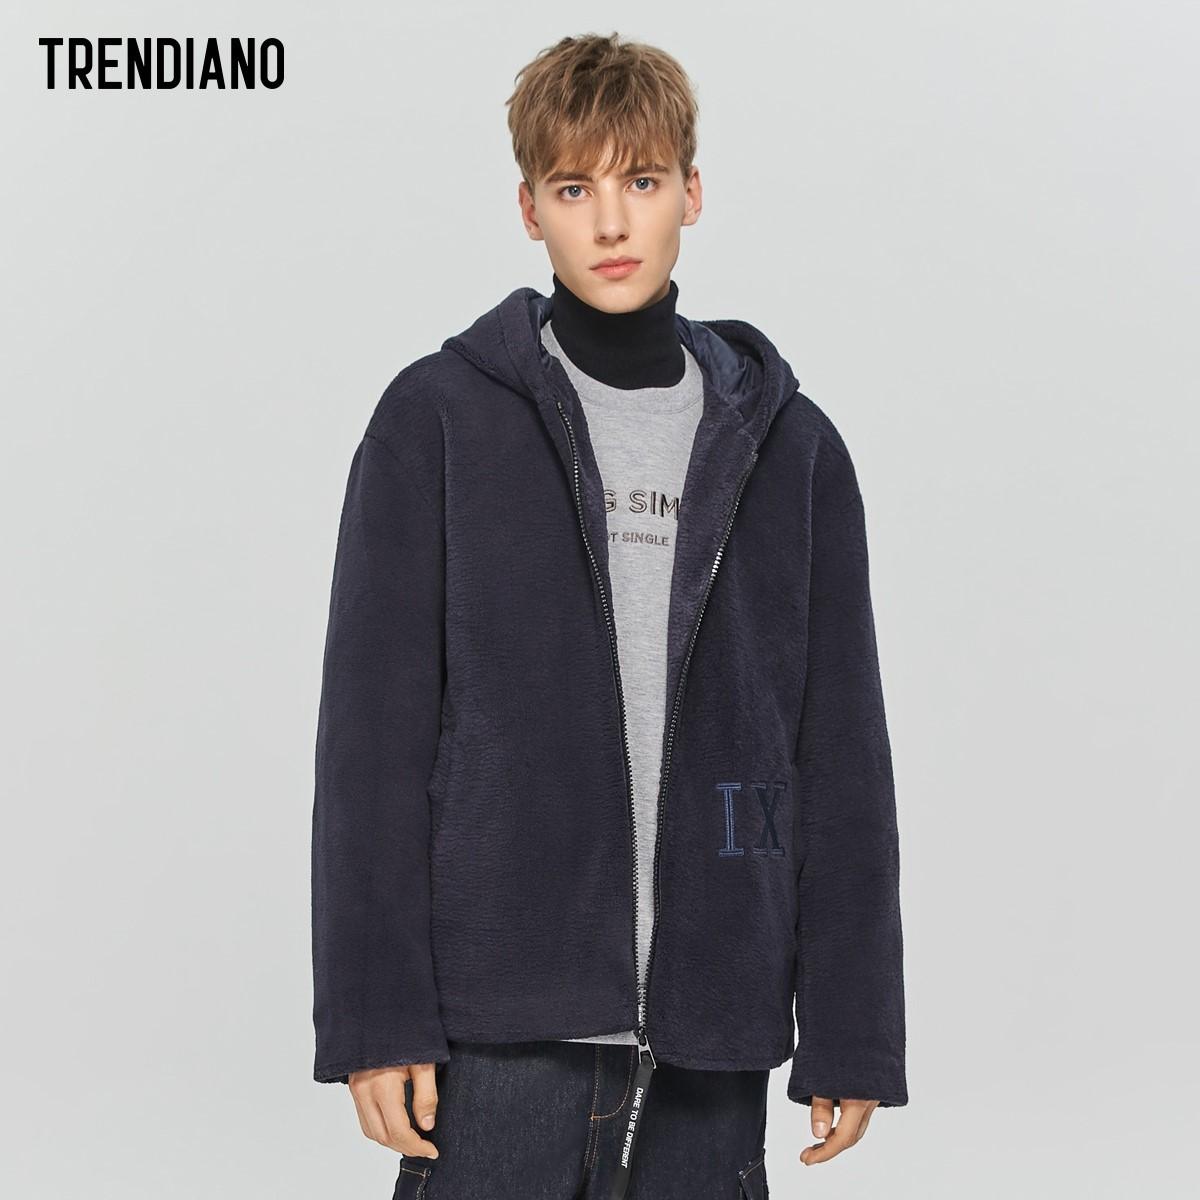 TRENDIANO潮牌秋季男装羊羔毛开衫连帽卫衣3ZC3049180